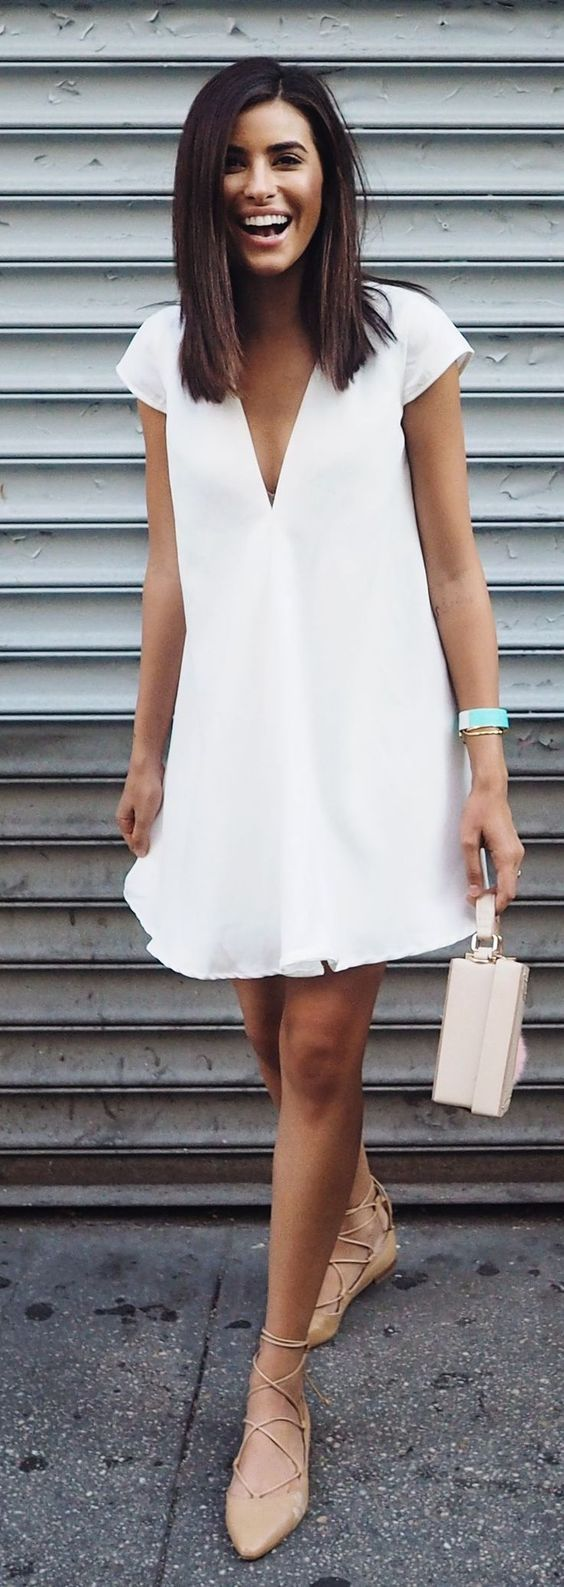 Vestido branco com decote v, sapatilha bailarina, bege, lace up, tiras